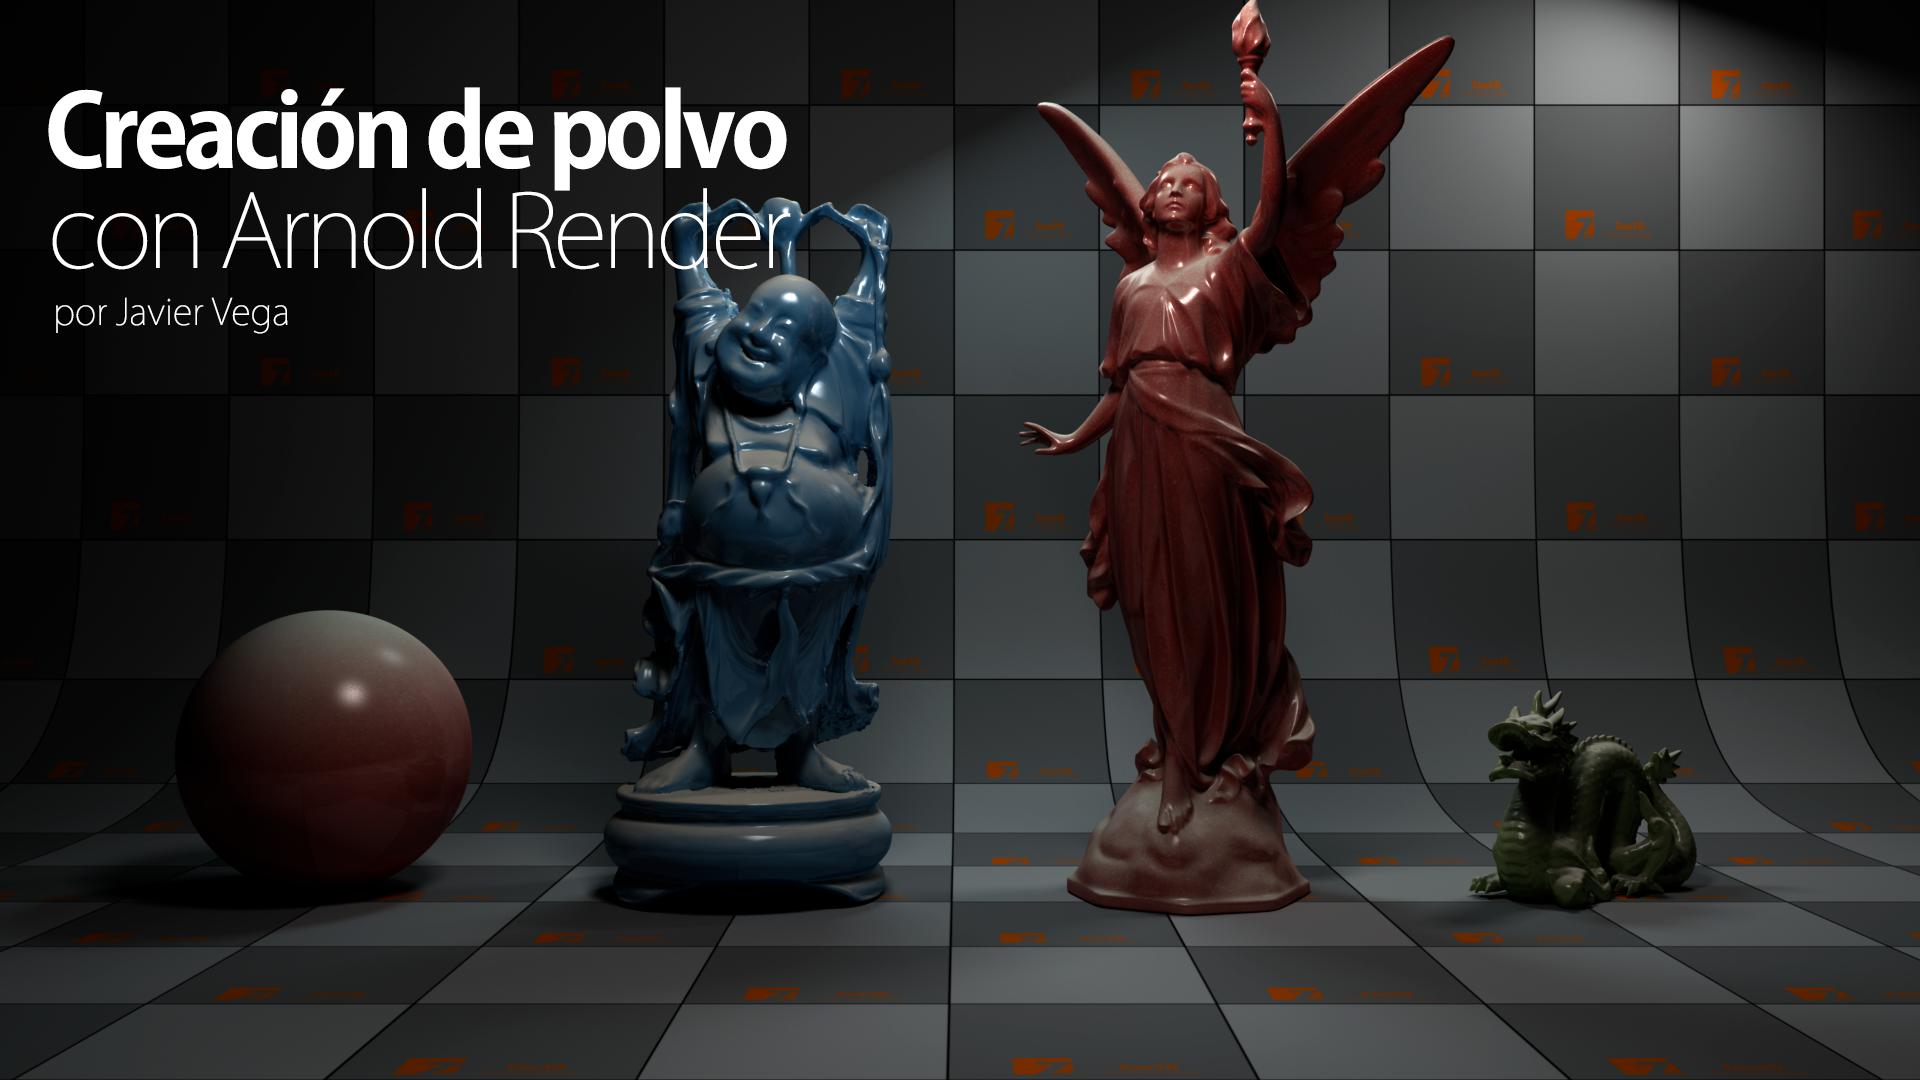 Creación de polvo con Arnold Render